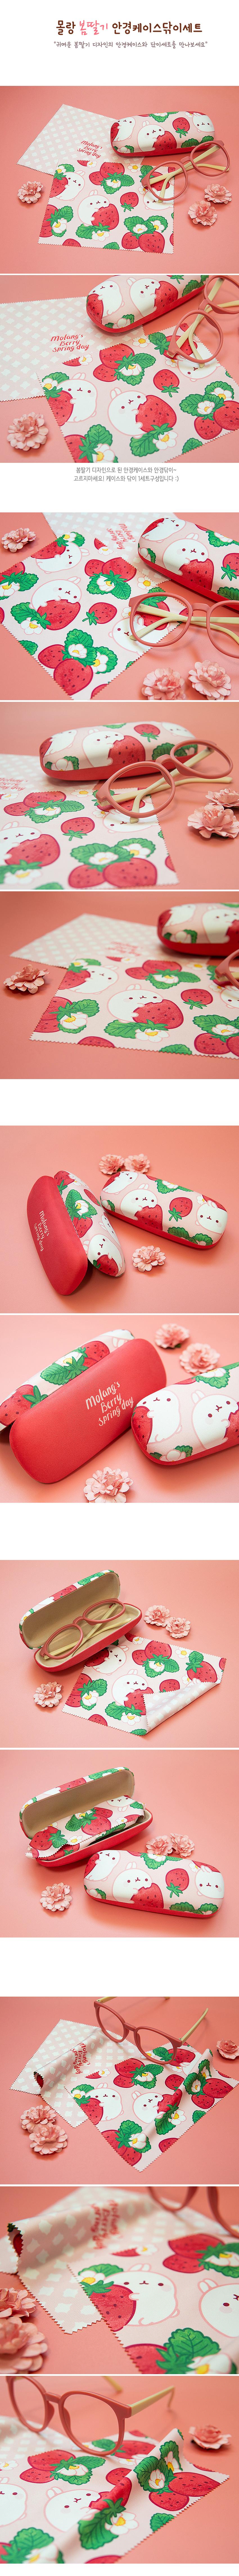 몰랑 안경닦이 케이스 세트 - 봄딸기 - 몰랑이, 10,000원, 휴대아이템, 안경/렌즈케이스